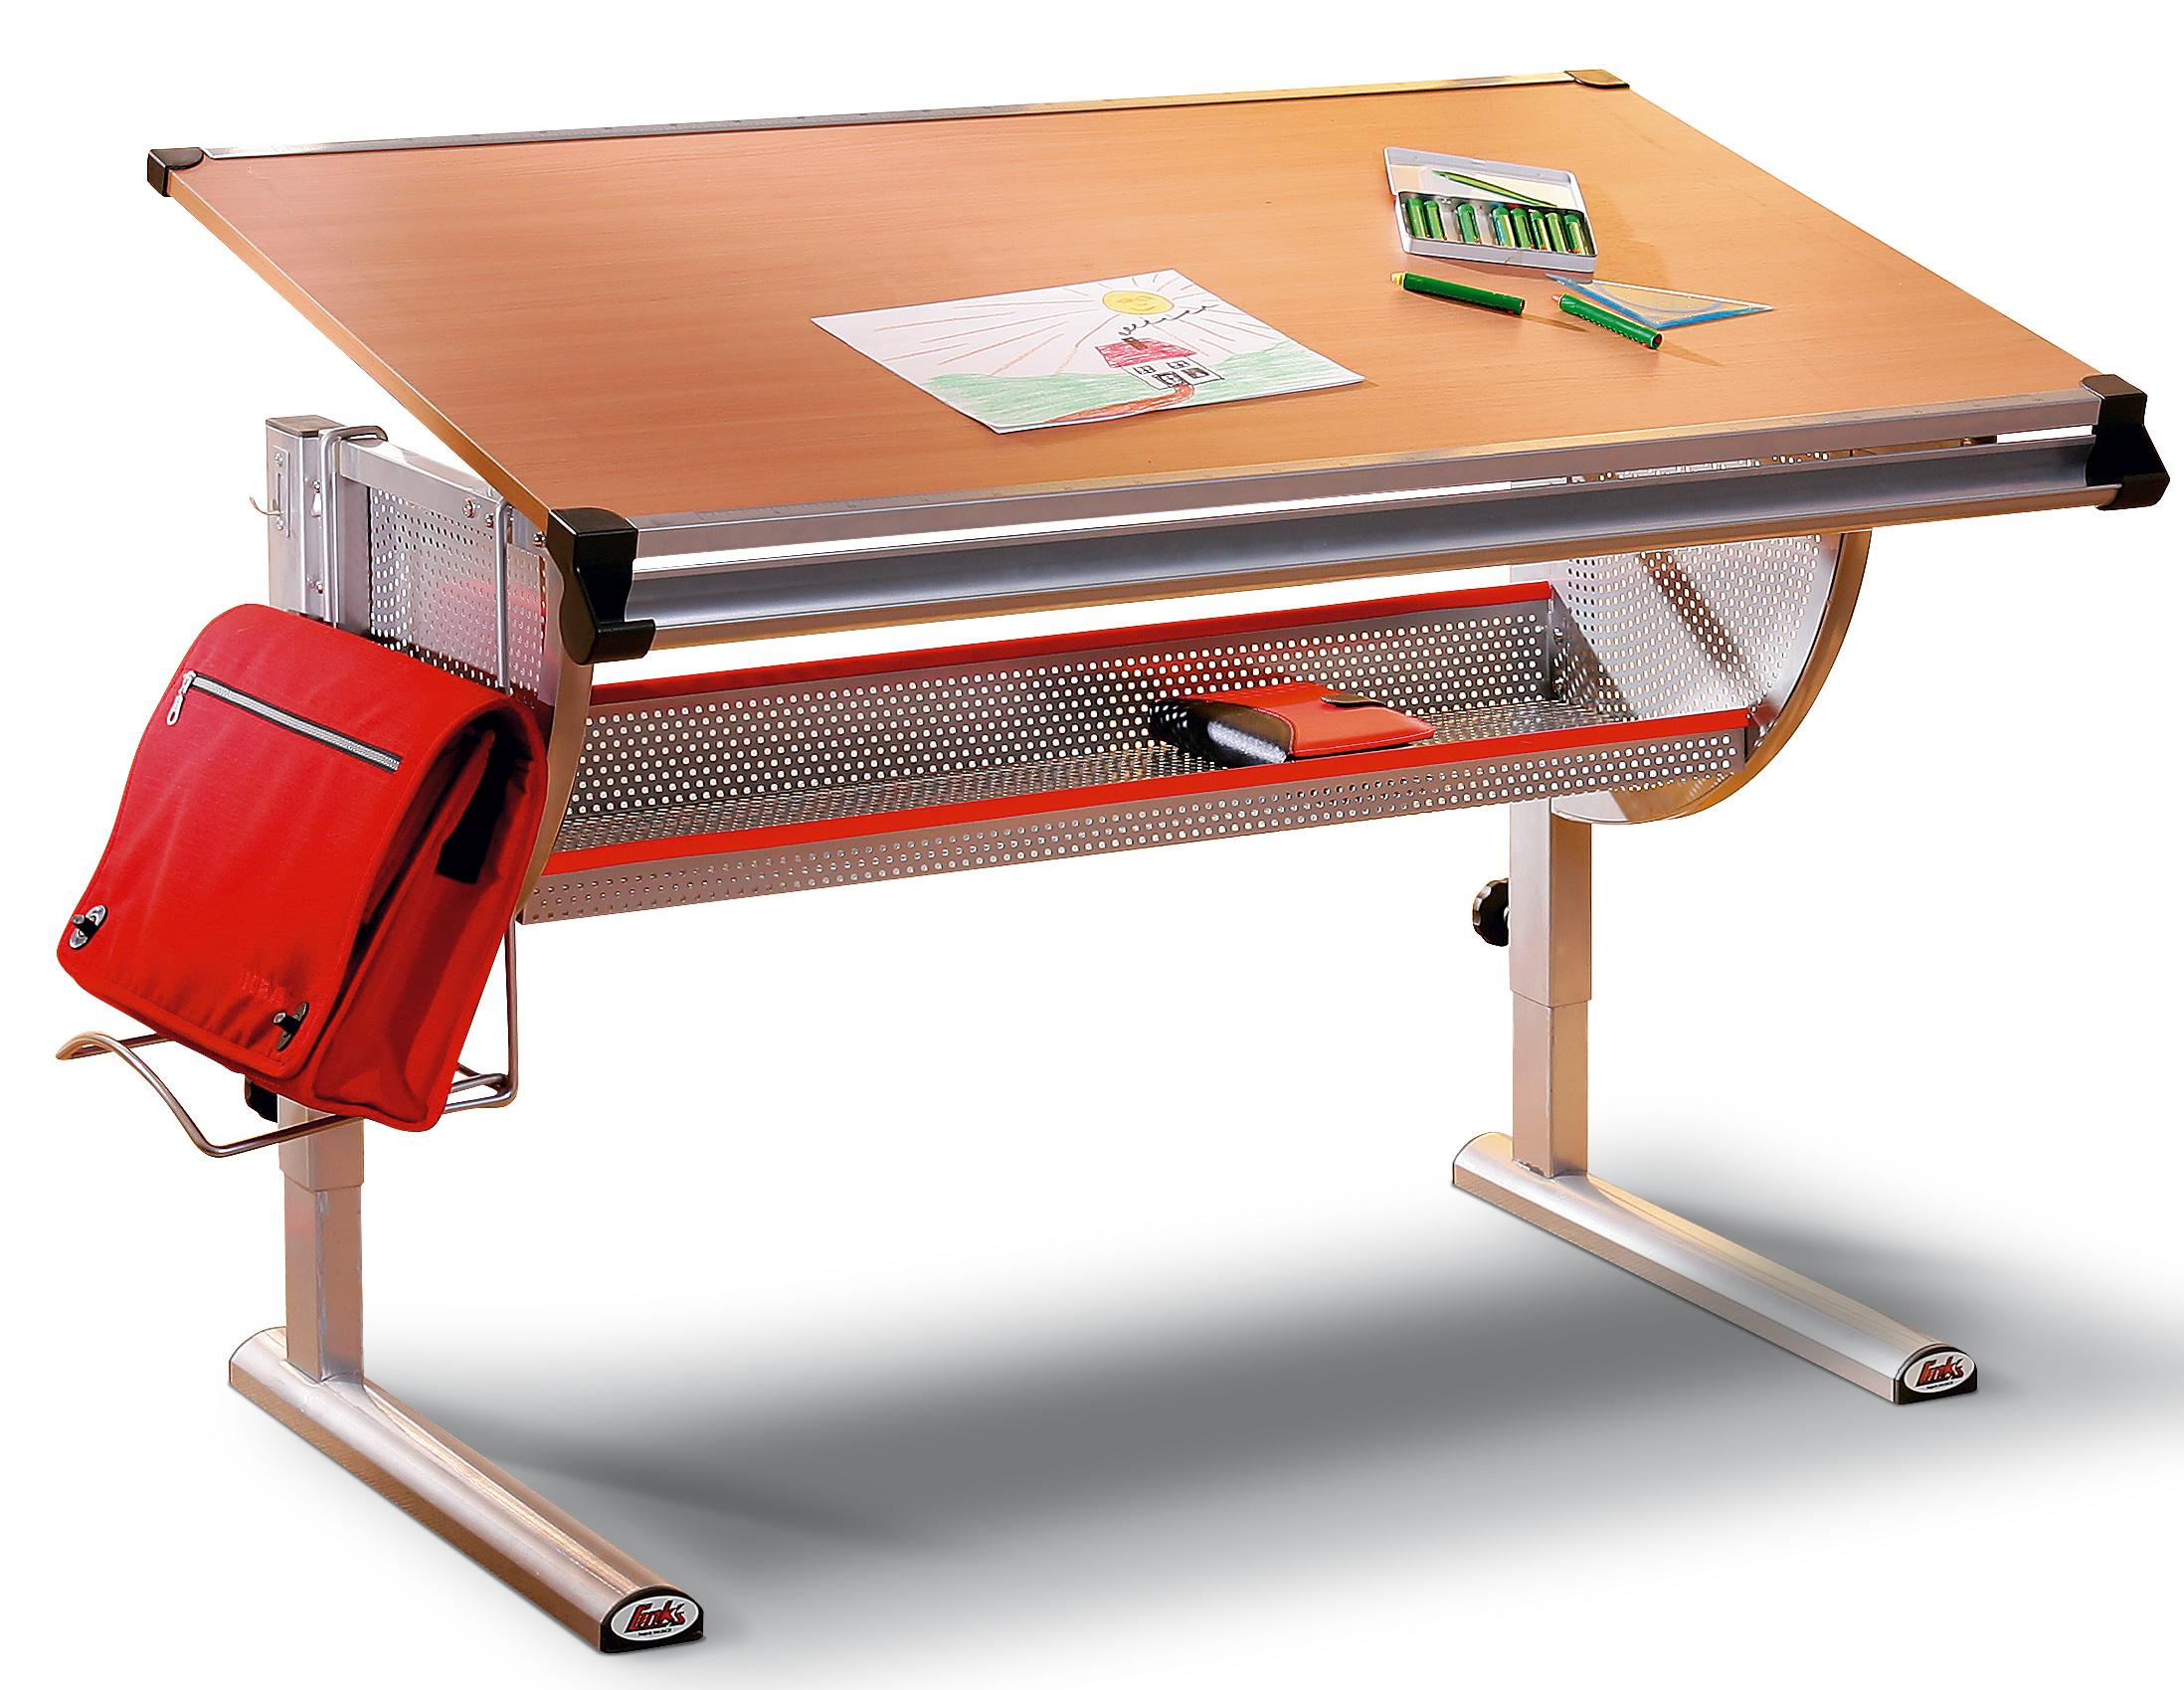 Stalai for Schreibtisch plato